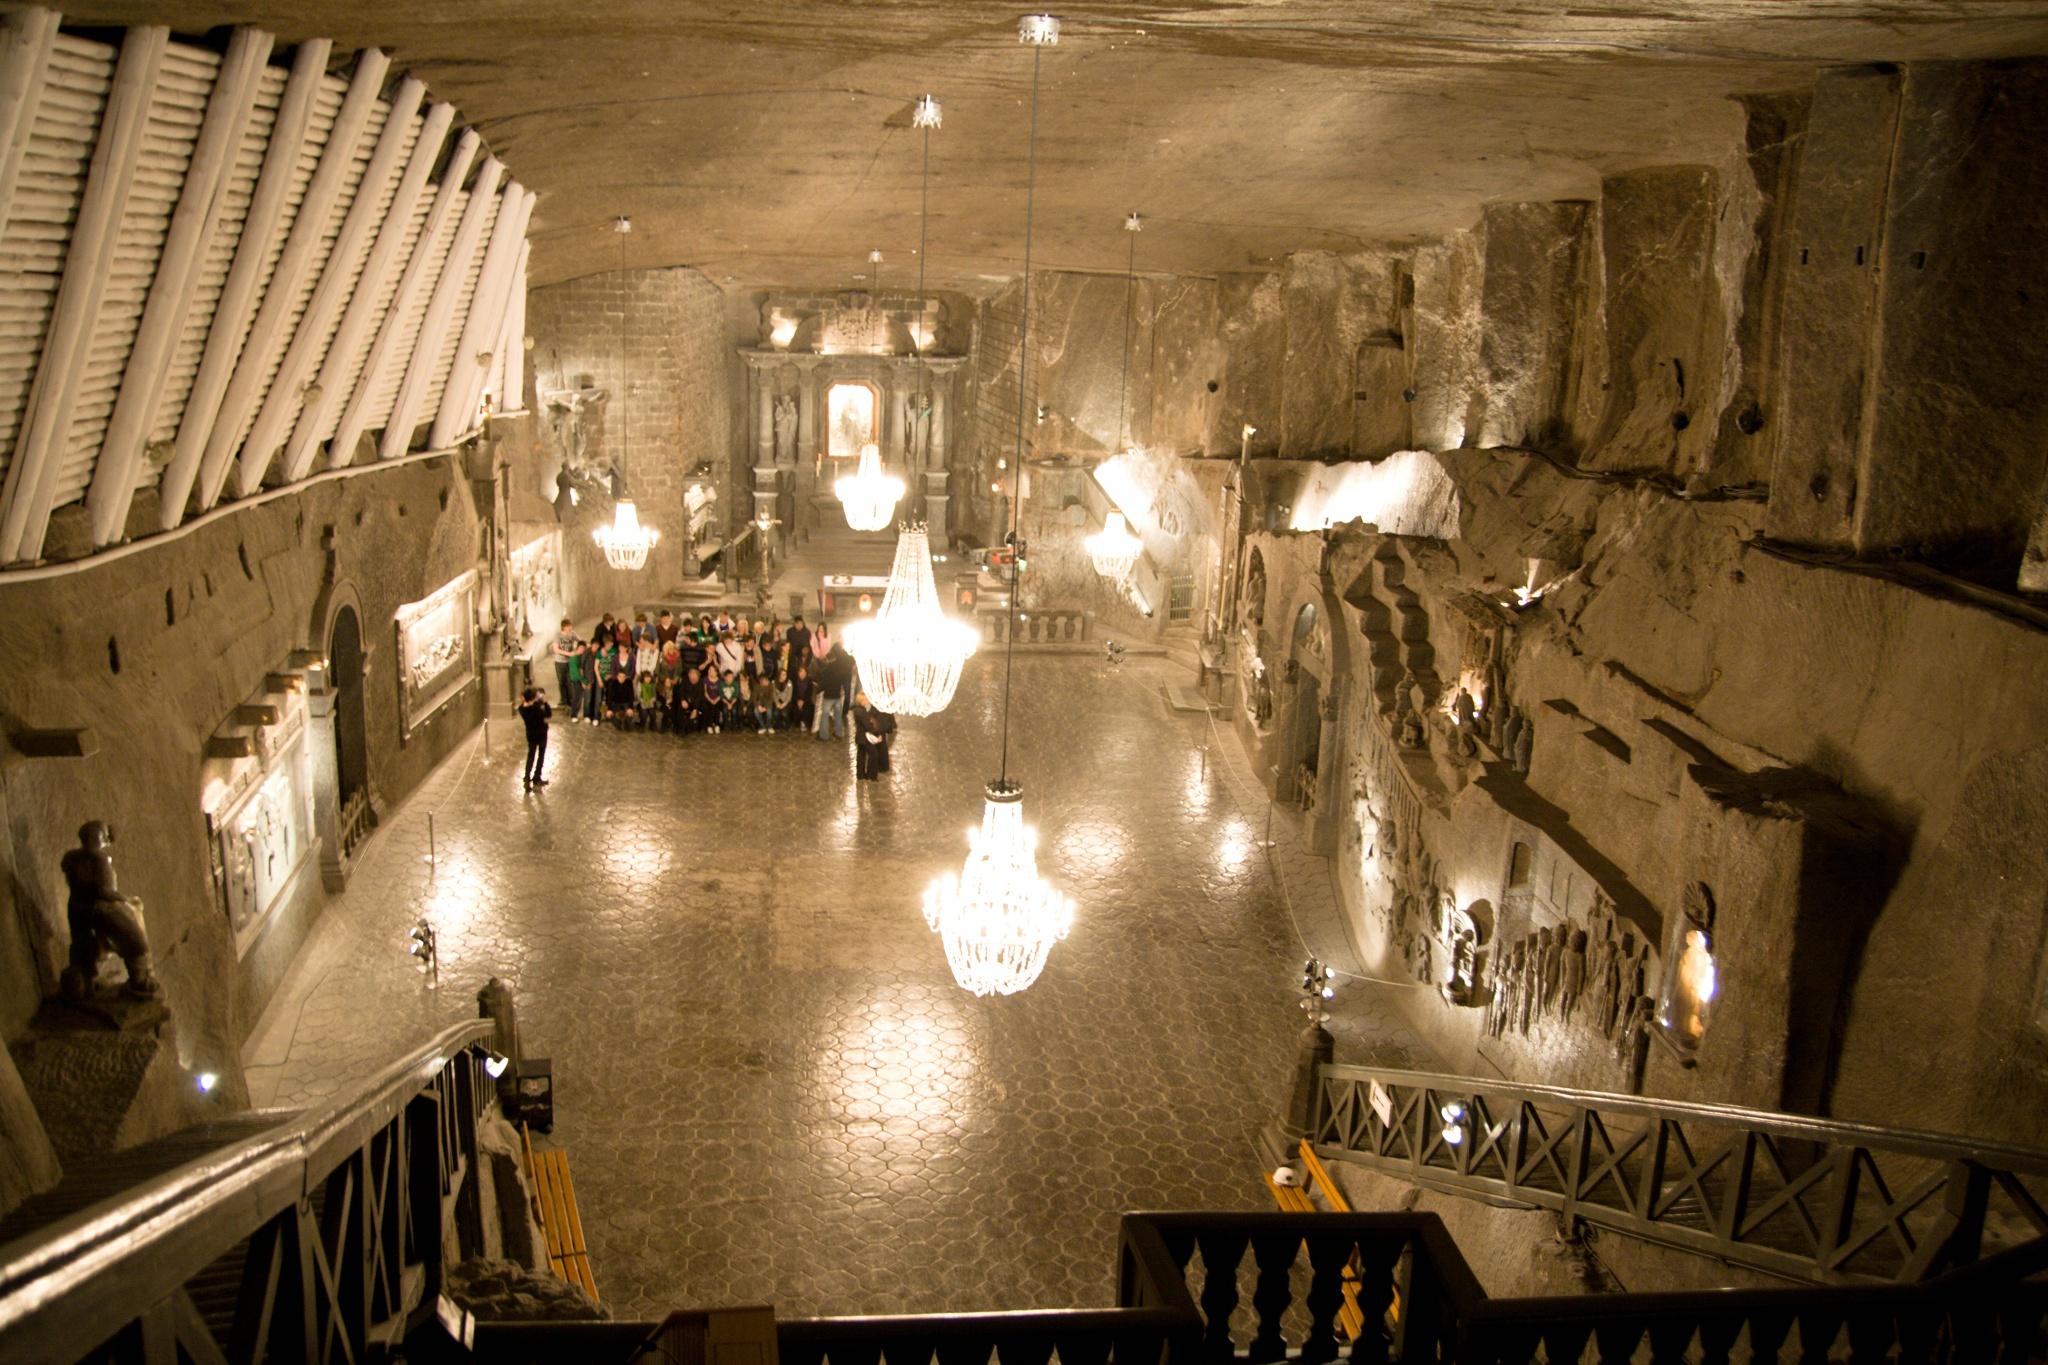 Solná jeskyně Přeštice - Wieliczka